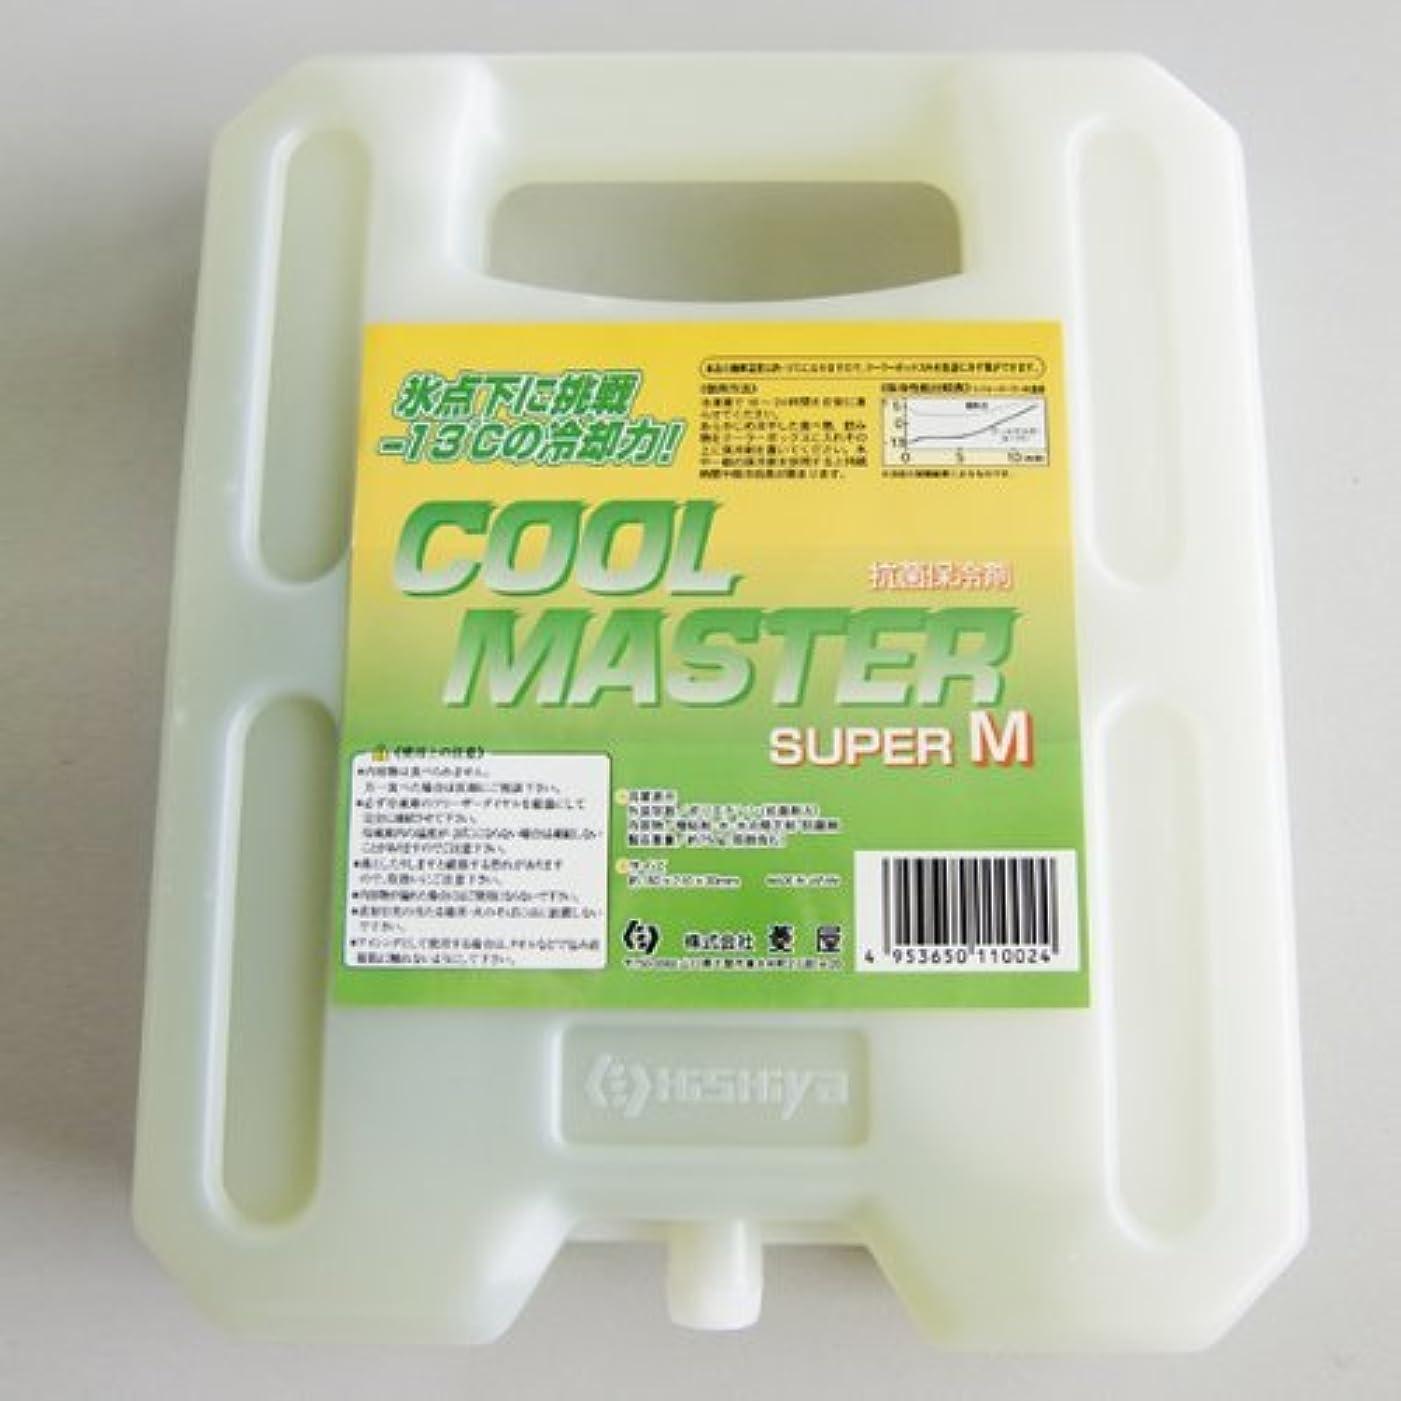 浴室評価可能生息地HISHIYA(ヒシヤ) 保冷剤 クールマスター スーパー -13度タイプ 750g